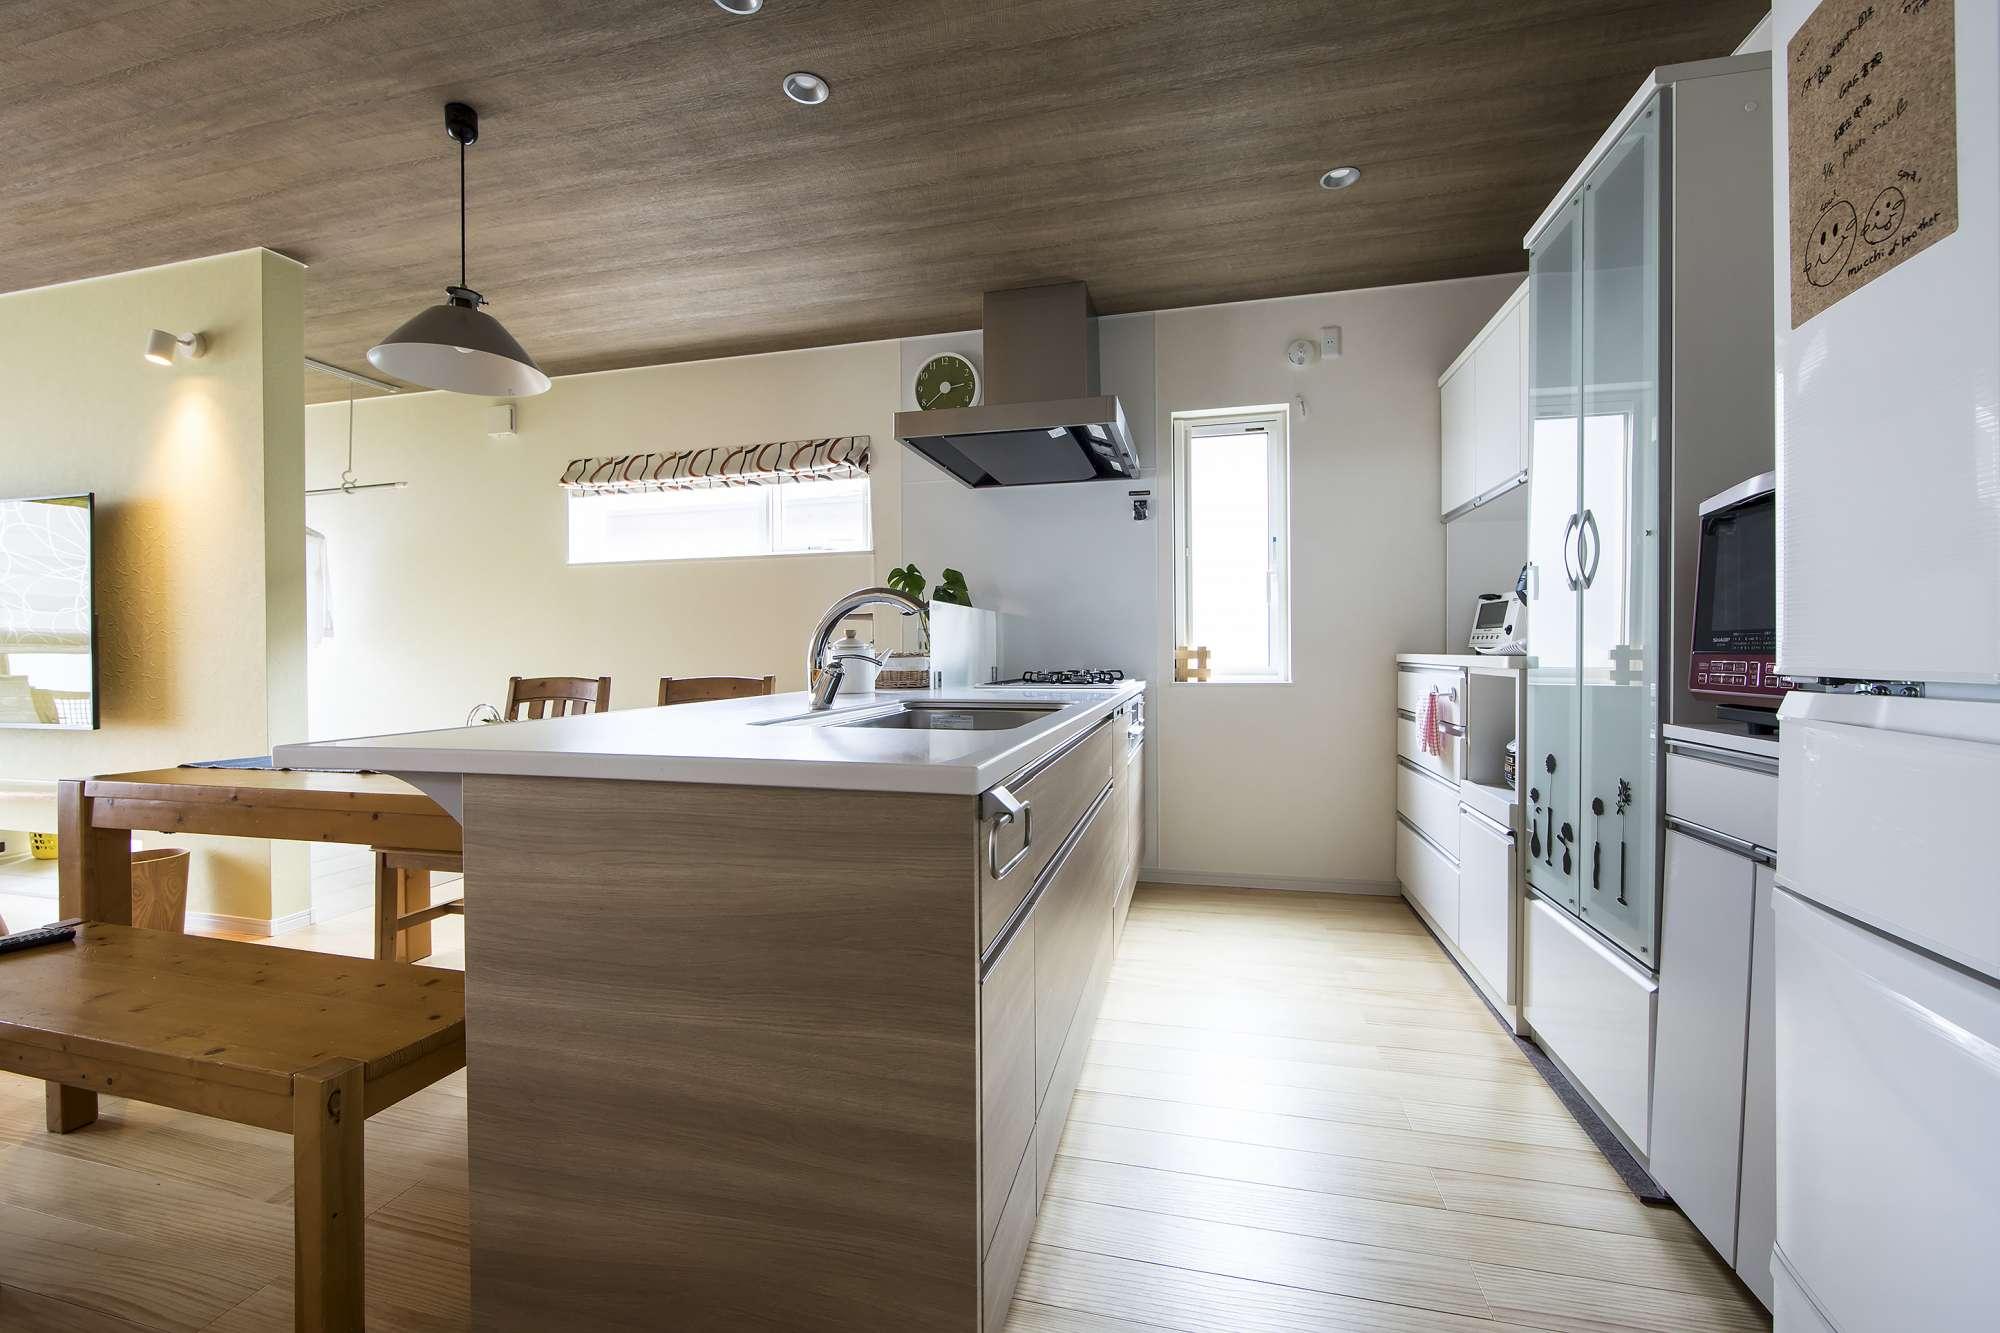 キッチンスペース - 美しいキッチンは「奥行きが広い天板が理想で、オプションで叶えてもらいました」。 -  -